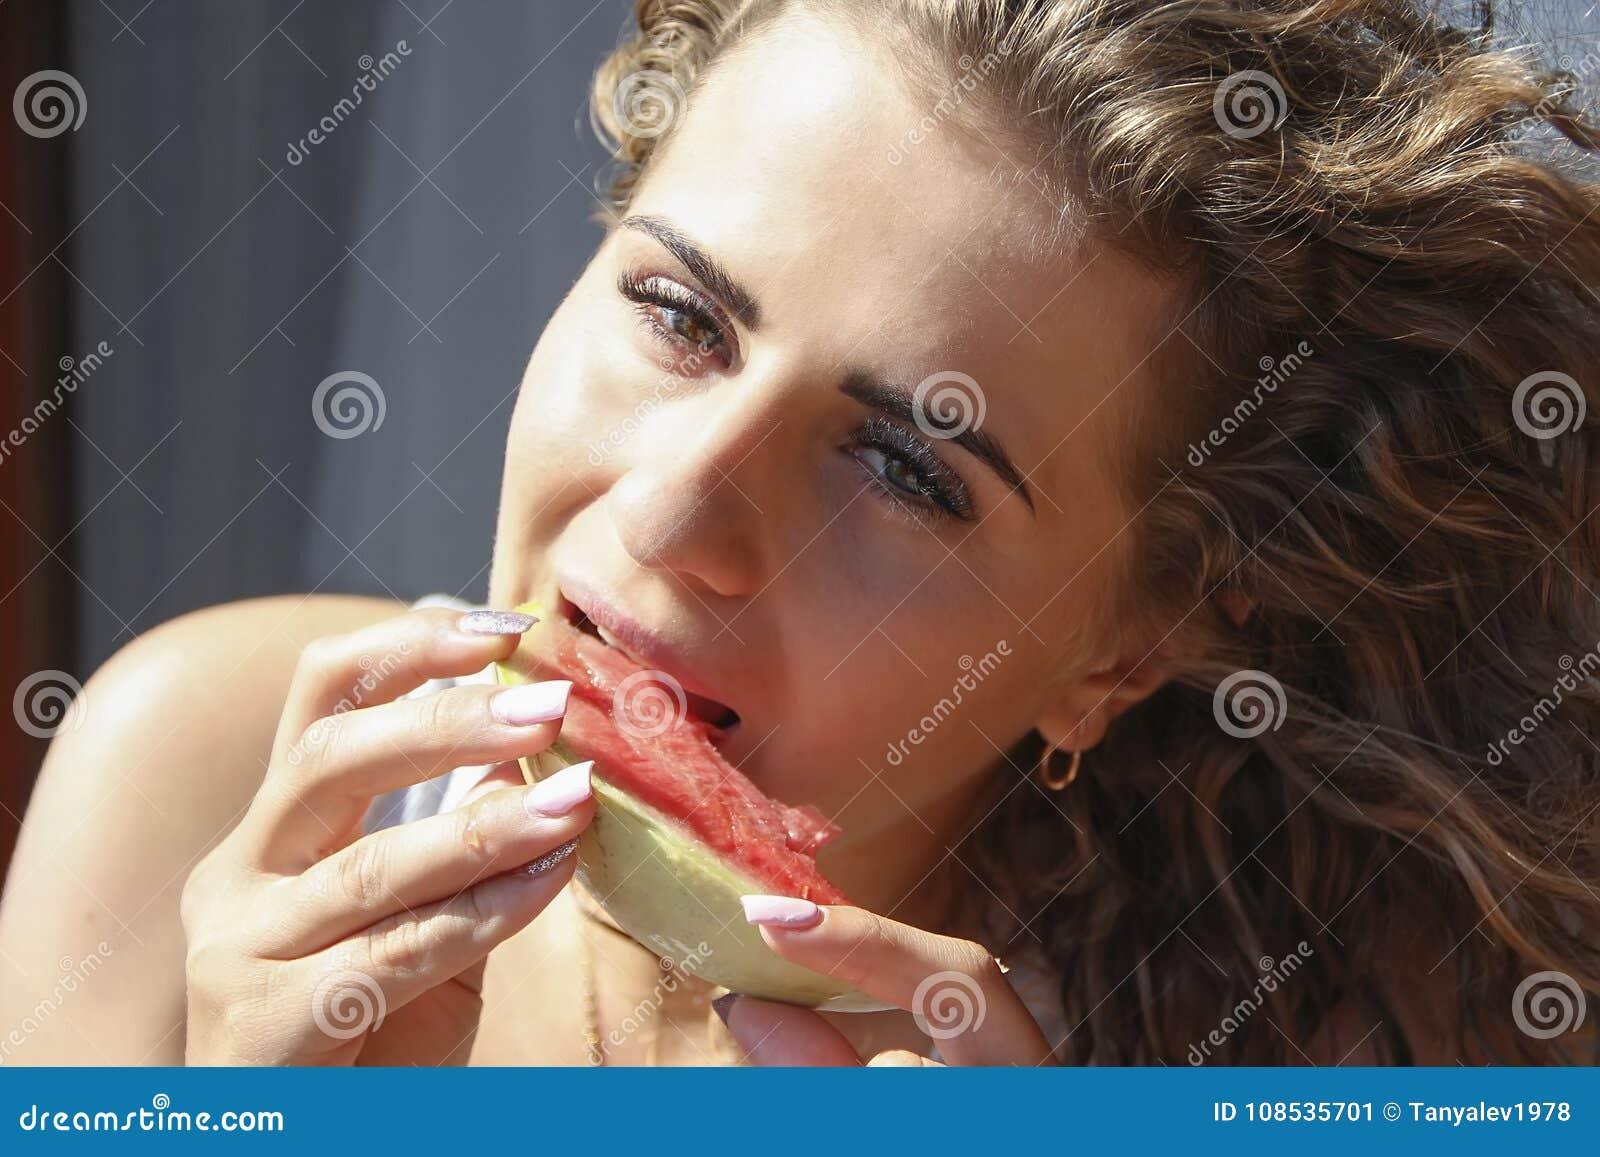 美好的妇女吃西瓜卷发夏天